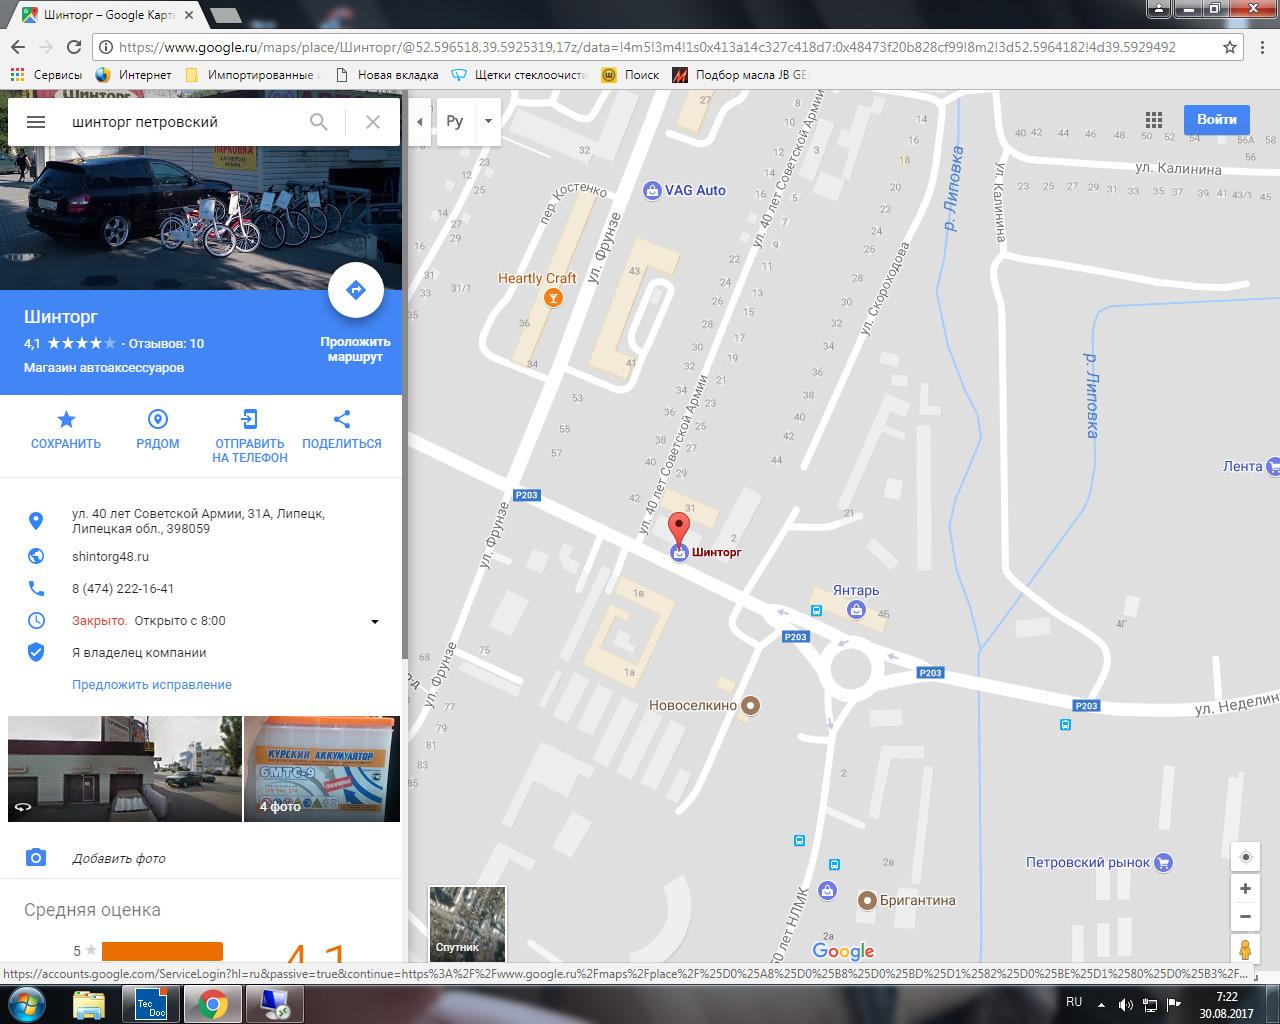 запросу как на гугл карте смотреть фото местоположения вместе